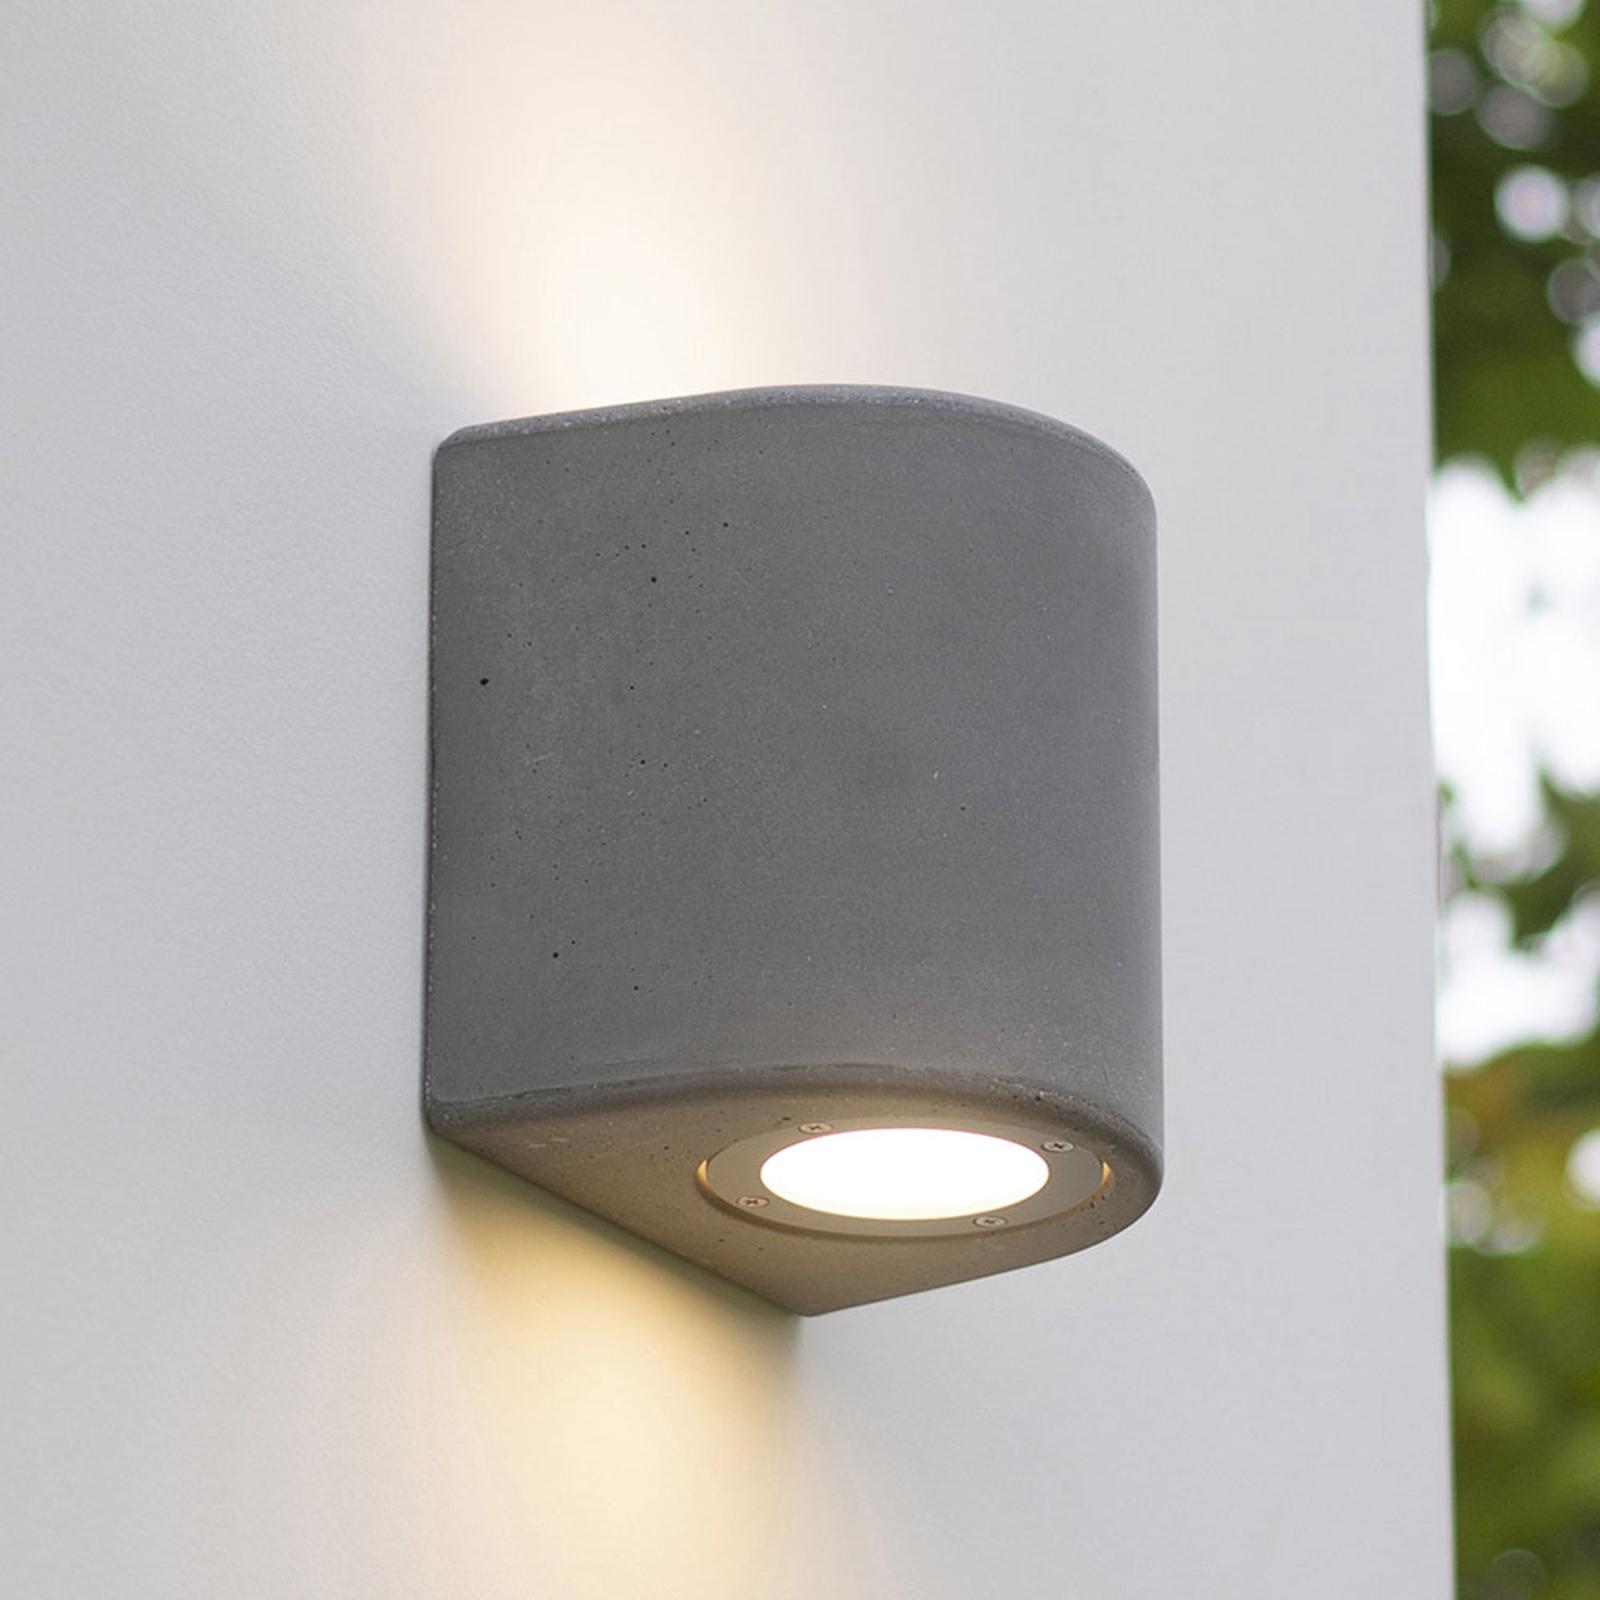 Martinelli Luce Koala udendørs LED-væglampe